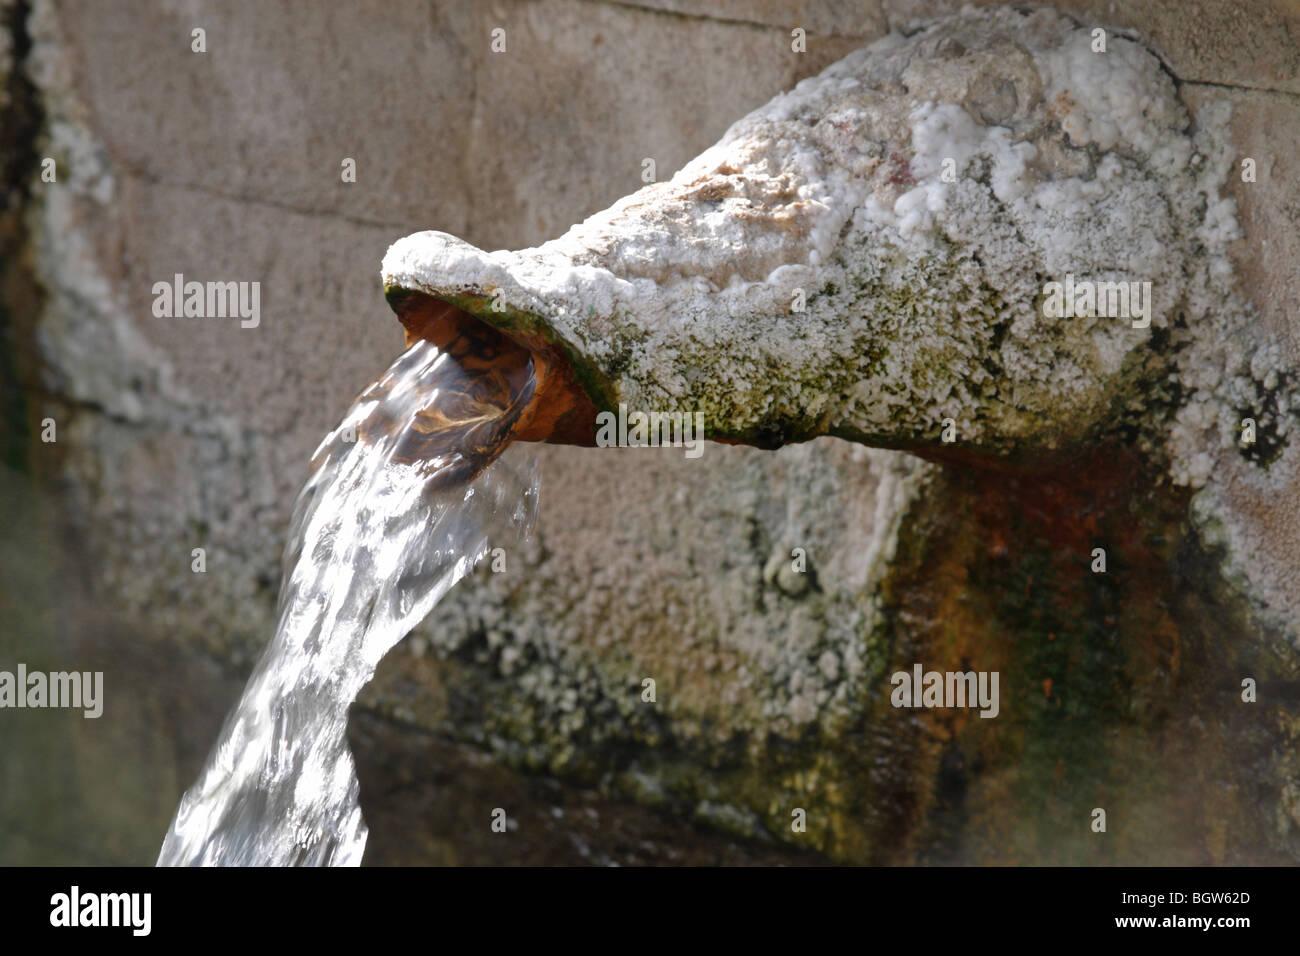 spout of fountain, Bulgaria, Europe - Stock Image